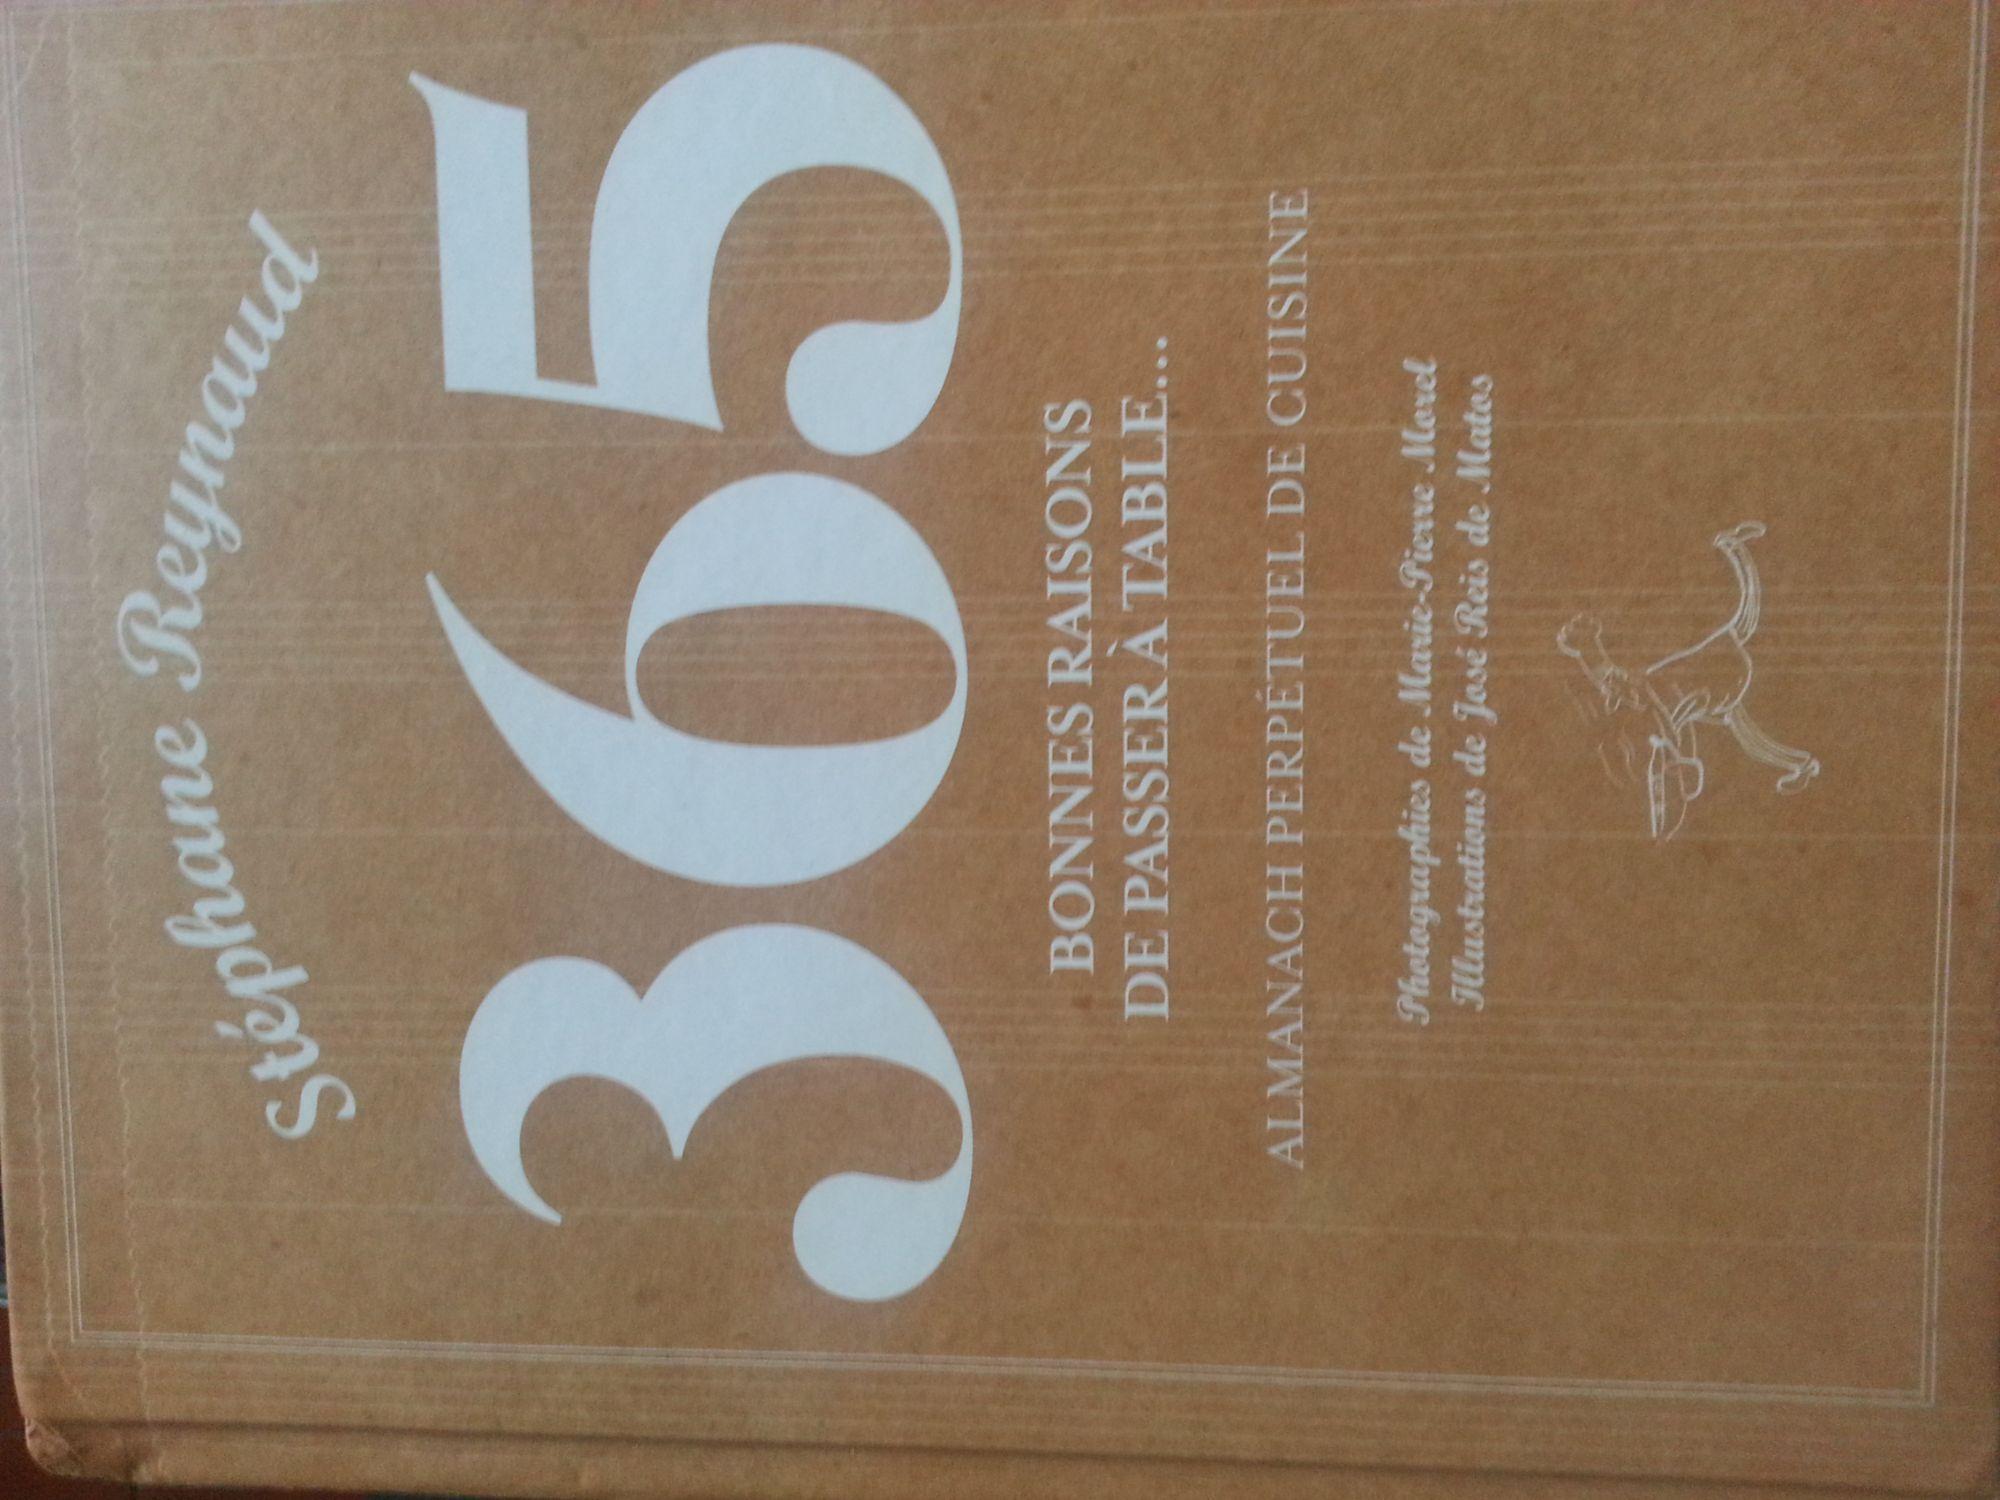 365 bonnes raisons de passer à table - le Grand livre du mois - 01/01/2009